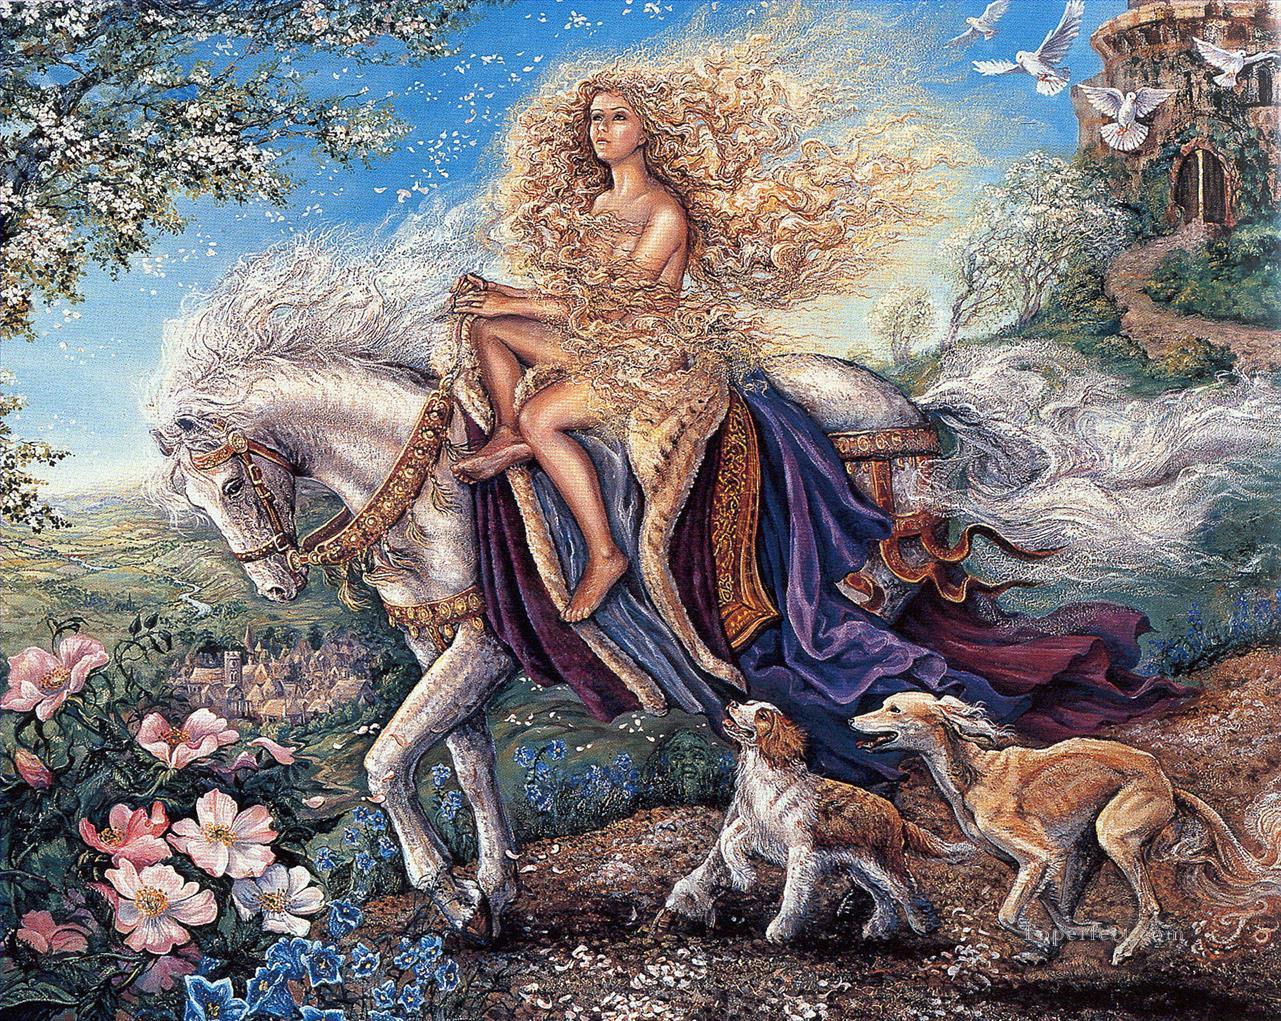 2fb1d30c86 JW Lady Godiva fantastische Gemälde mit öl zu verkaufen